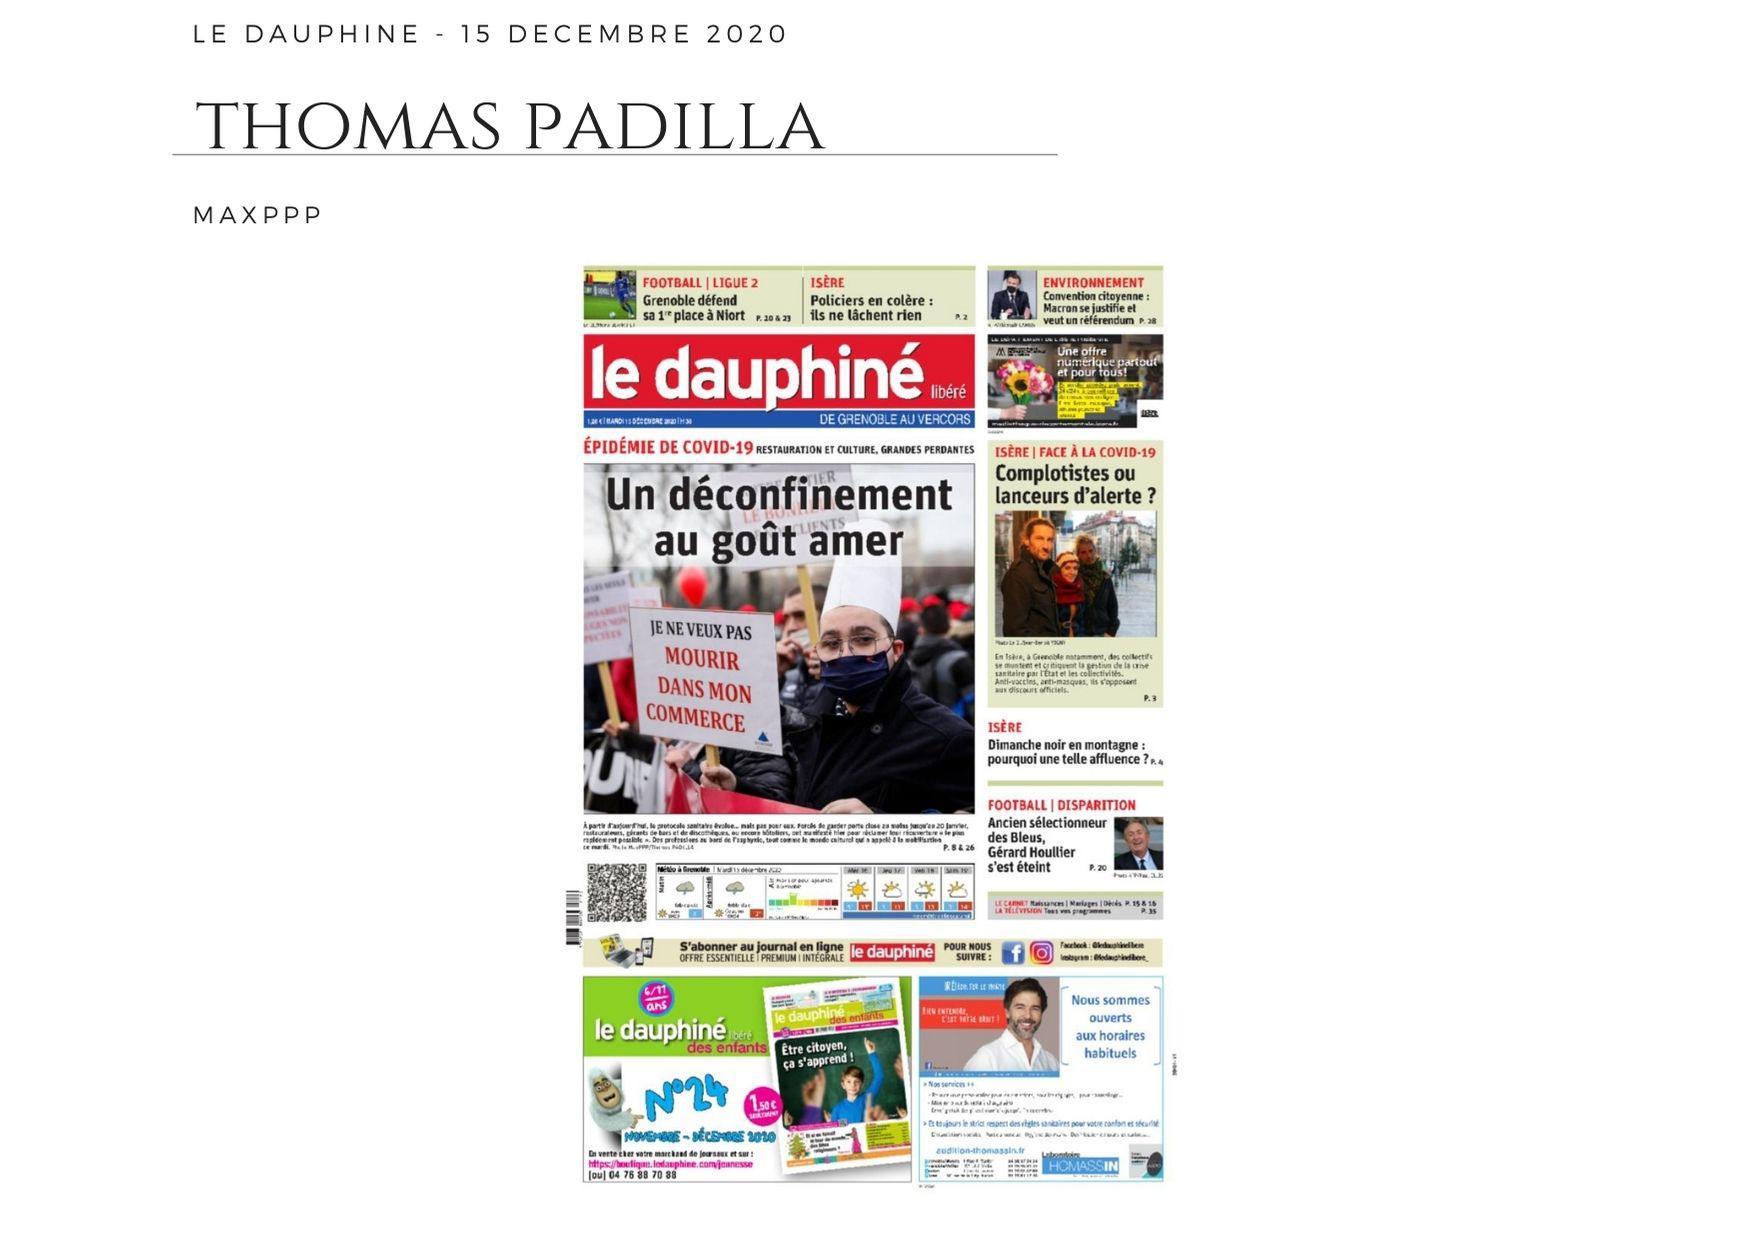 Le Dauphiné Libéré - 15 décembre 2020